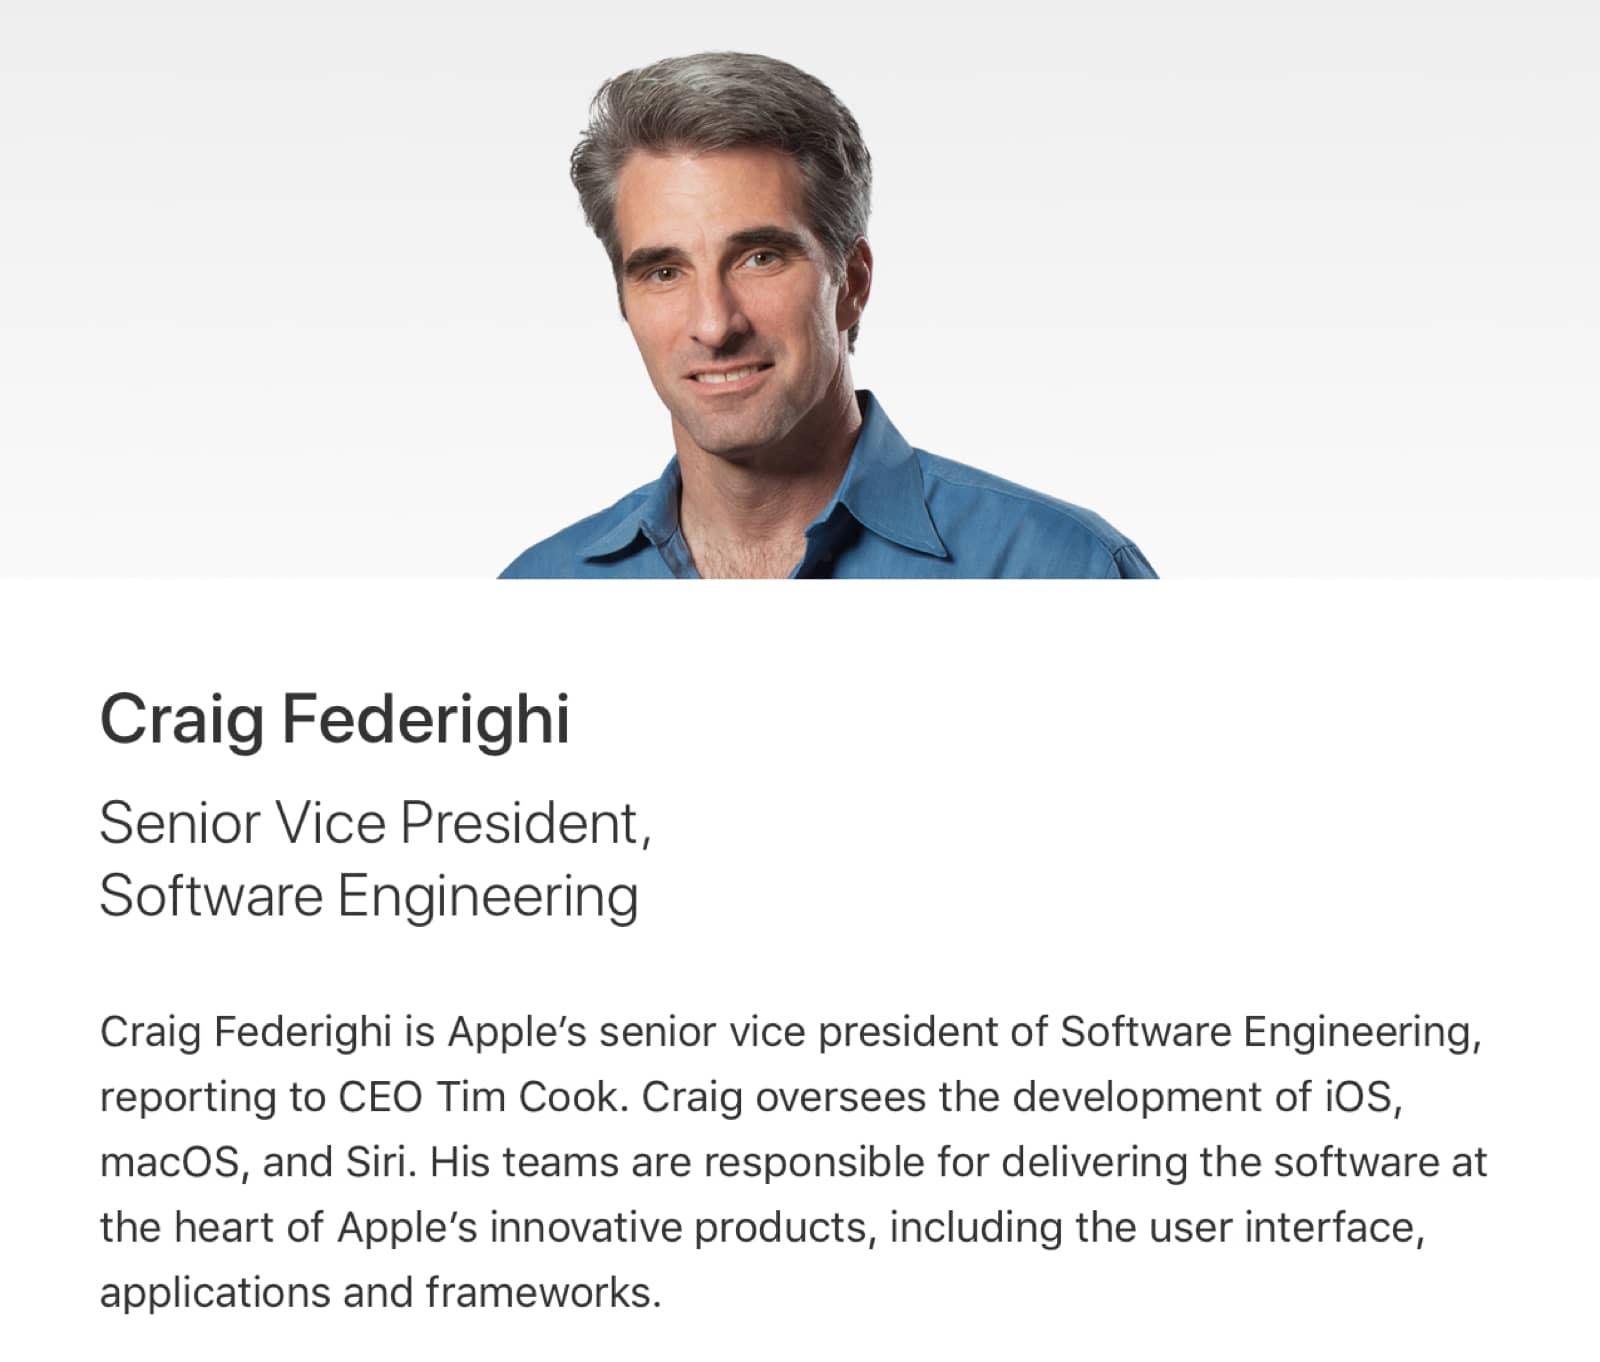 Craig_Federighi